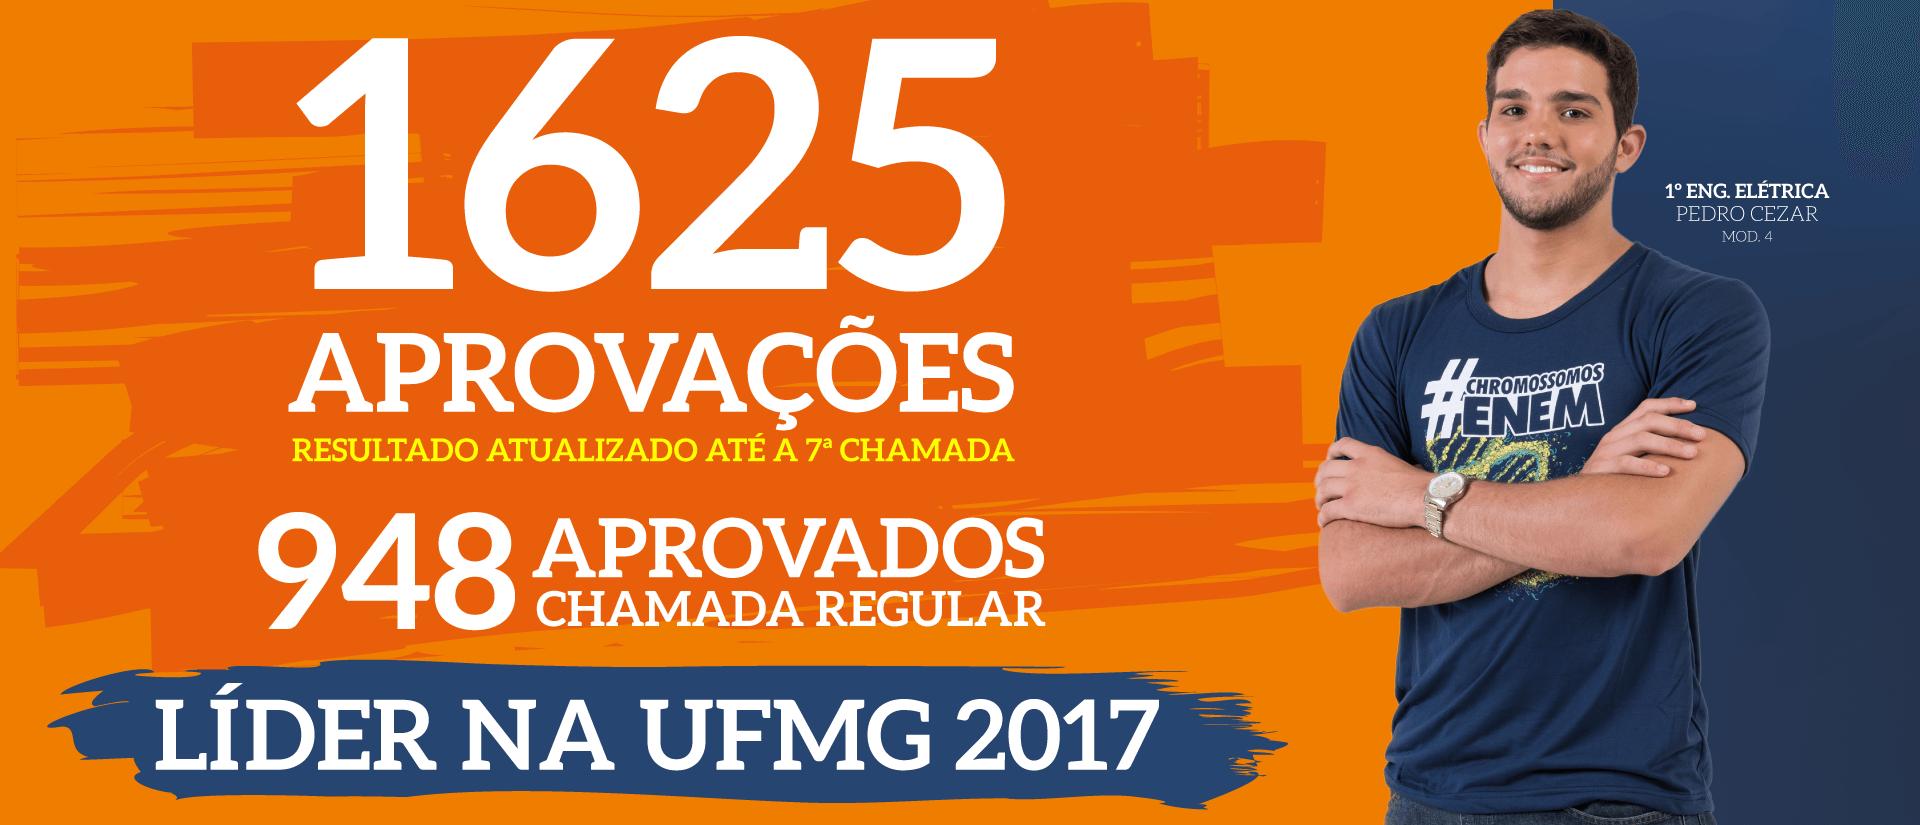 24-07 - Capas - HOME - Aprovados 2017_total